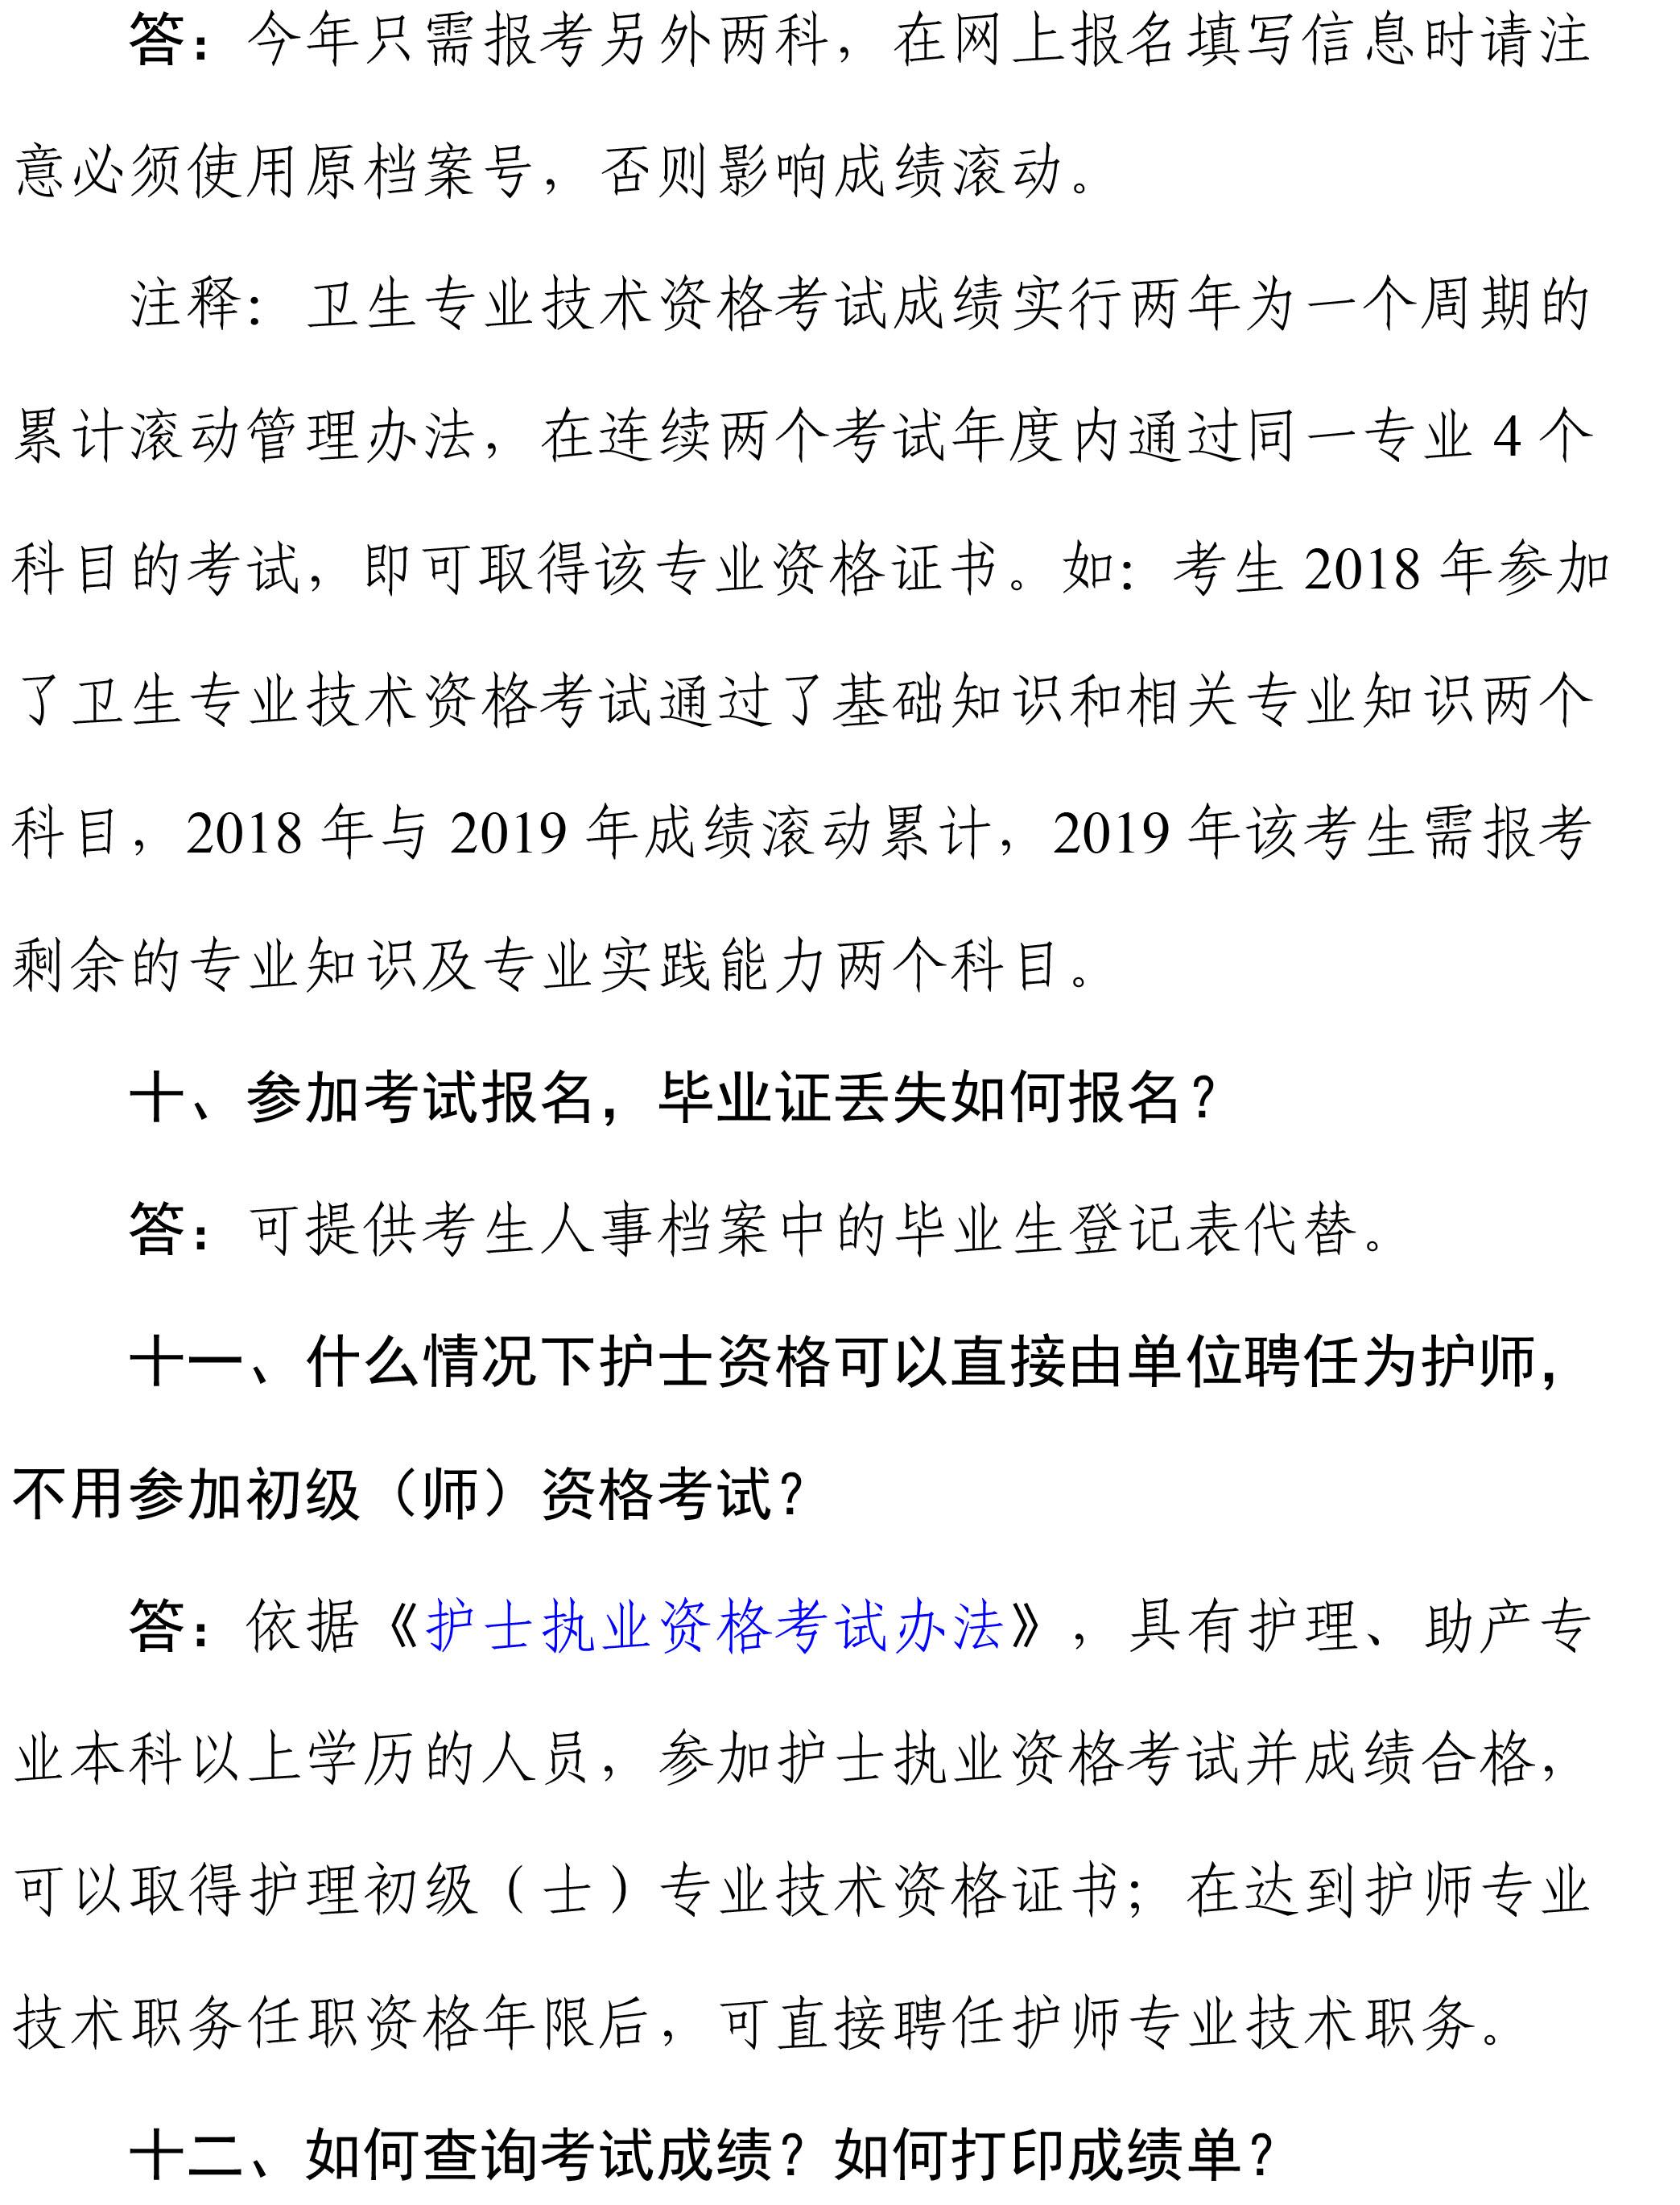 天津考区卫生专业技术资格考试常见热点问题